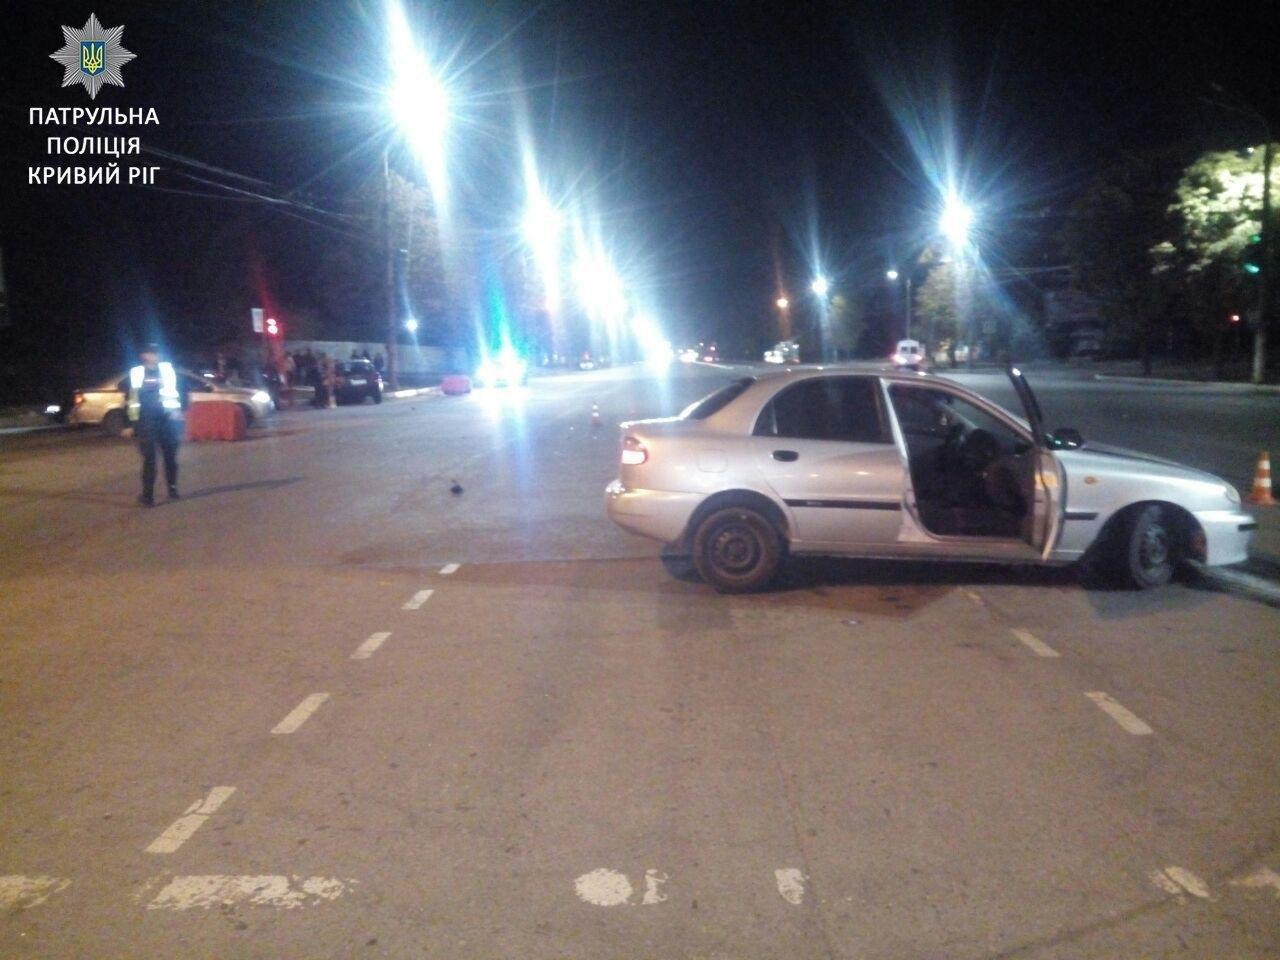 """В Кривом Роге в результате ДТП пострадал водитель Daewoo, который был """"под кайфом"""", - ФОТО, фото-3"""